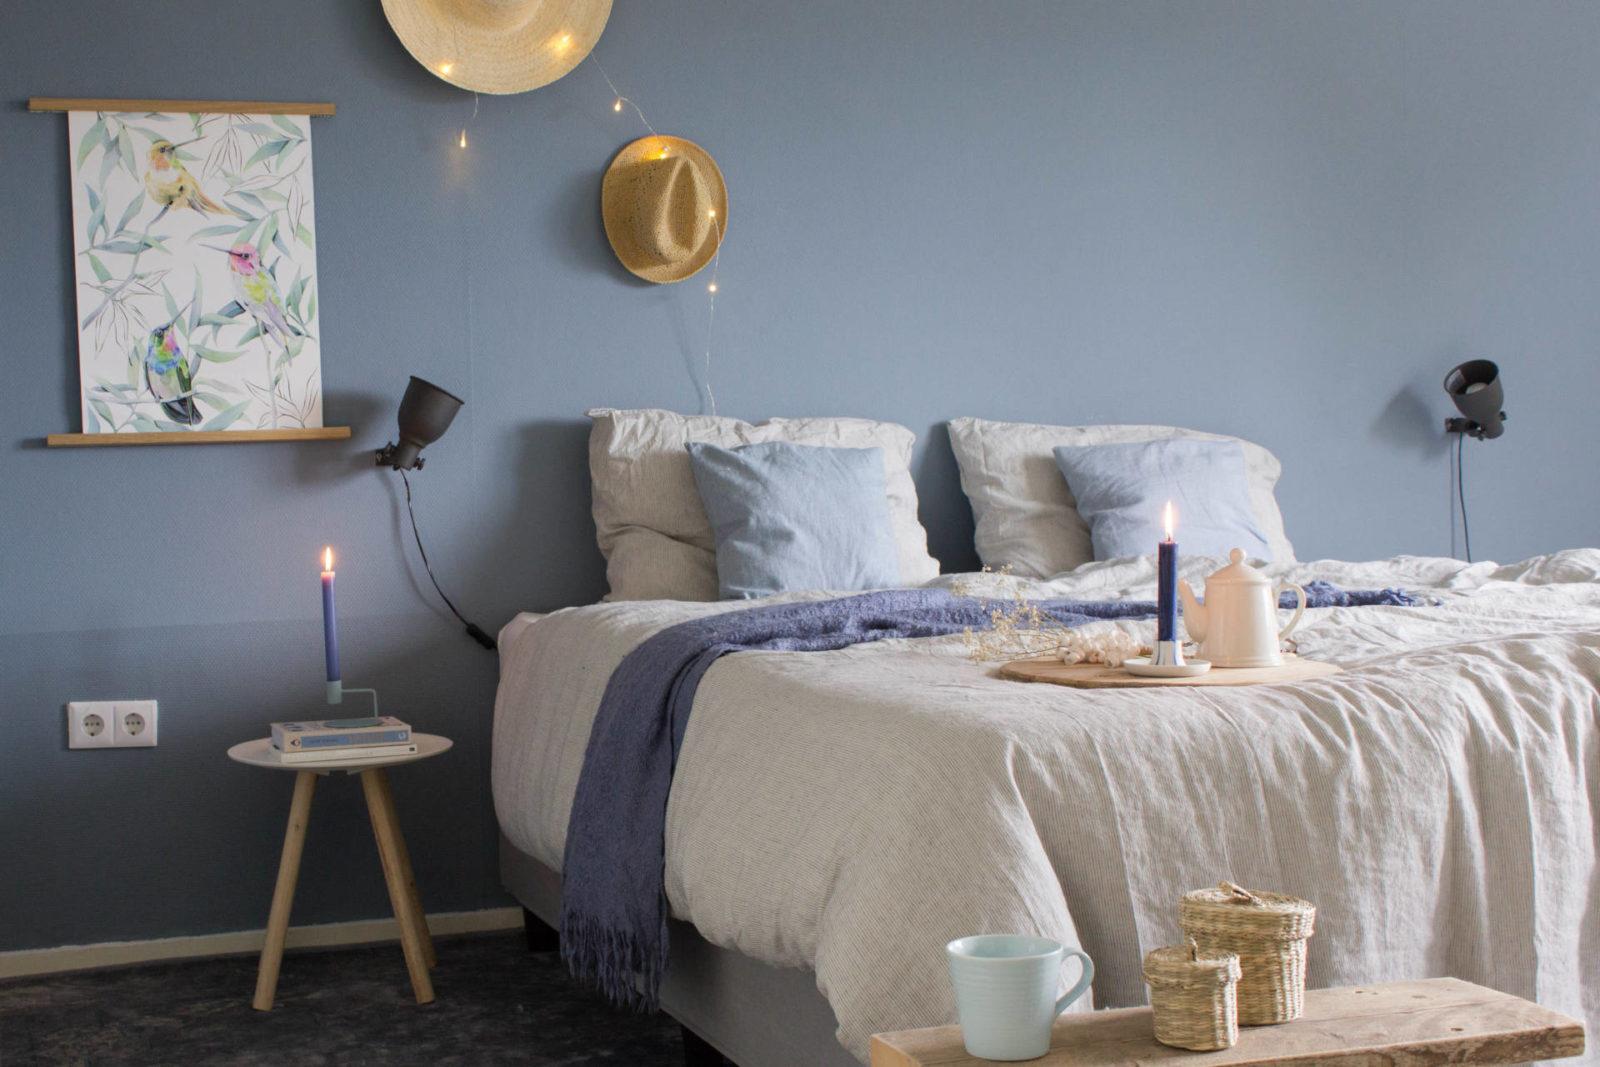 Linnen Dekbed Slaapkamer : Lekker slapen met linnen juudithhome interior & lifestyle blog